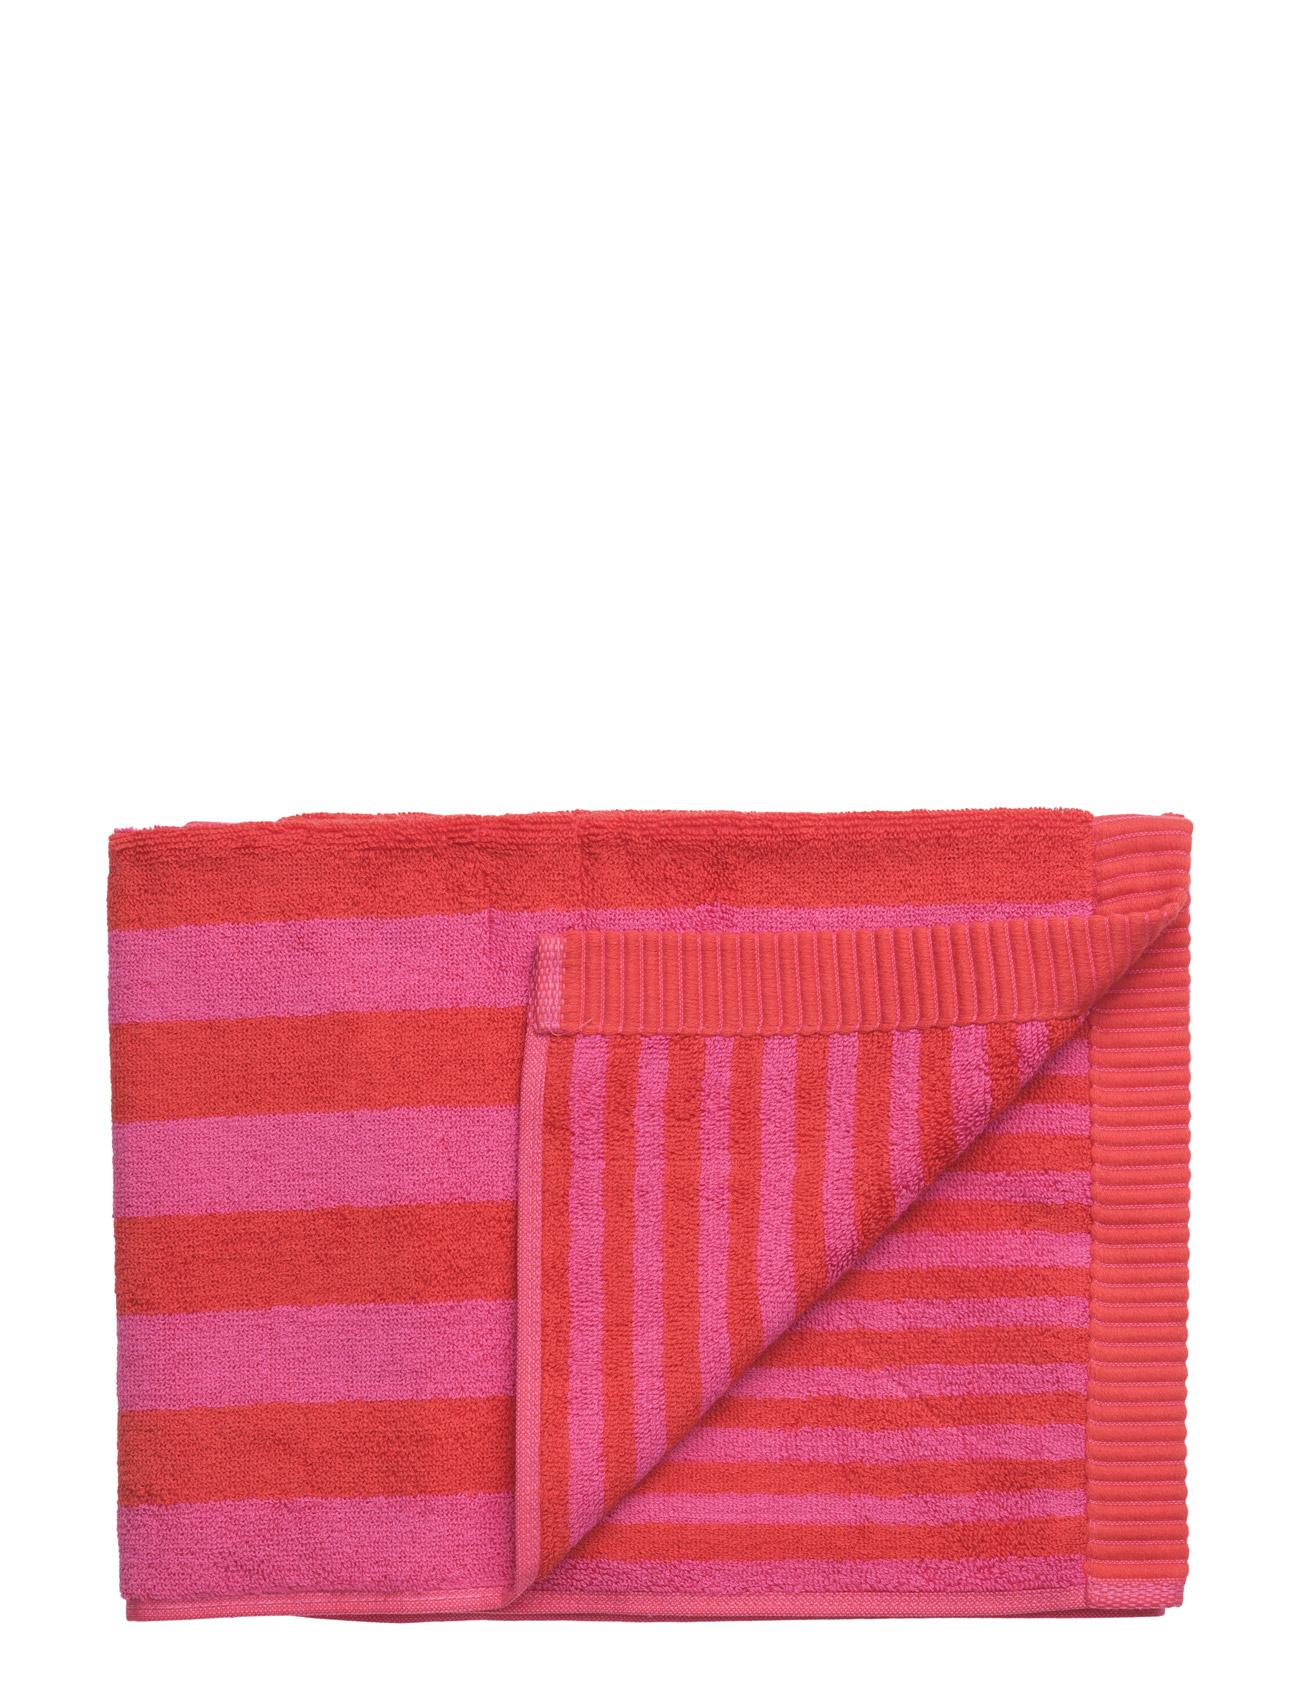 Kaksi Raitaa Guest Towel Marimekko Home Hjem til Herrer i Rød, Rød